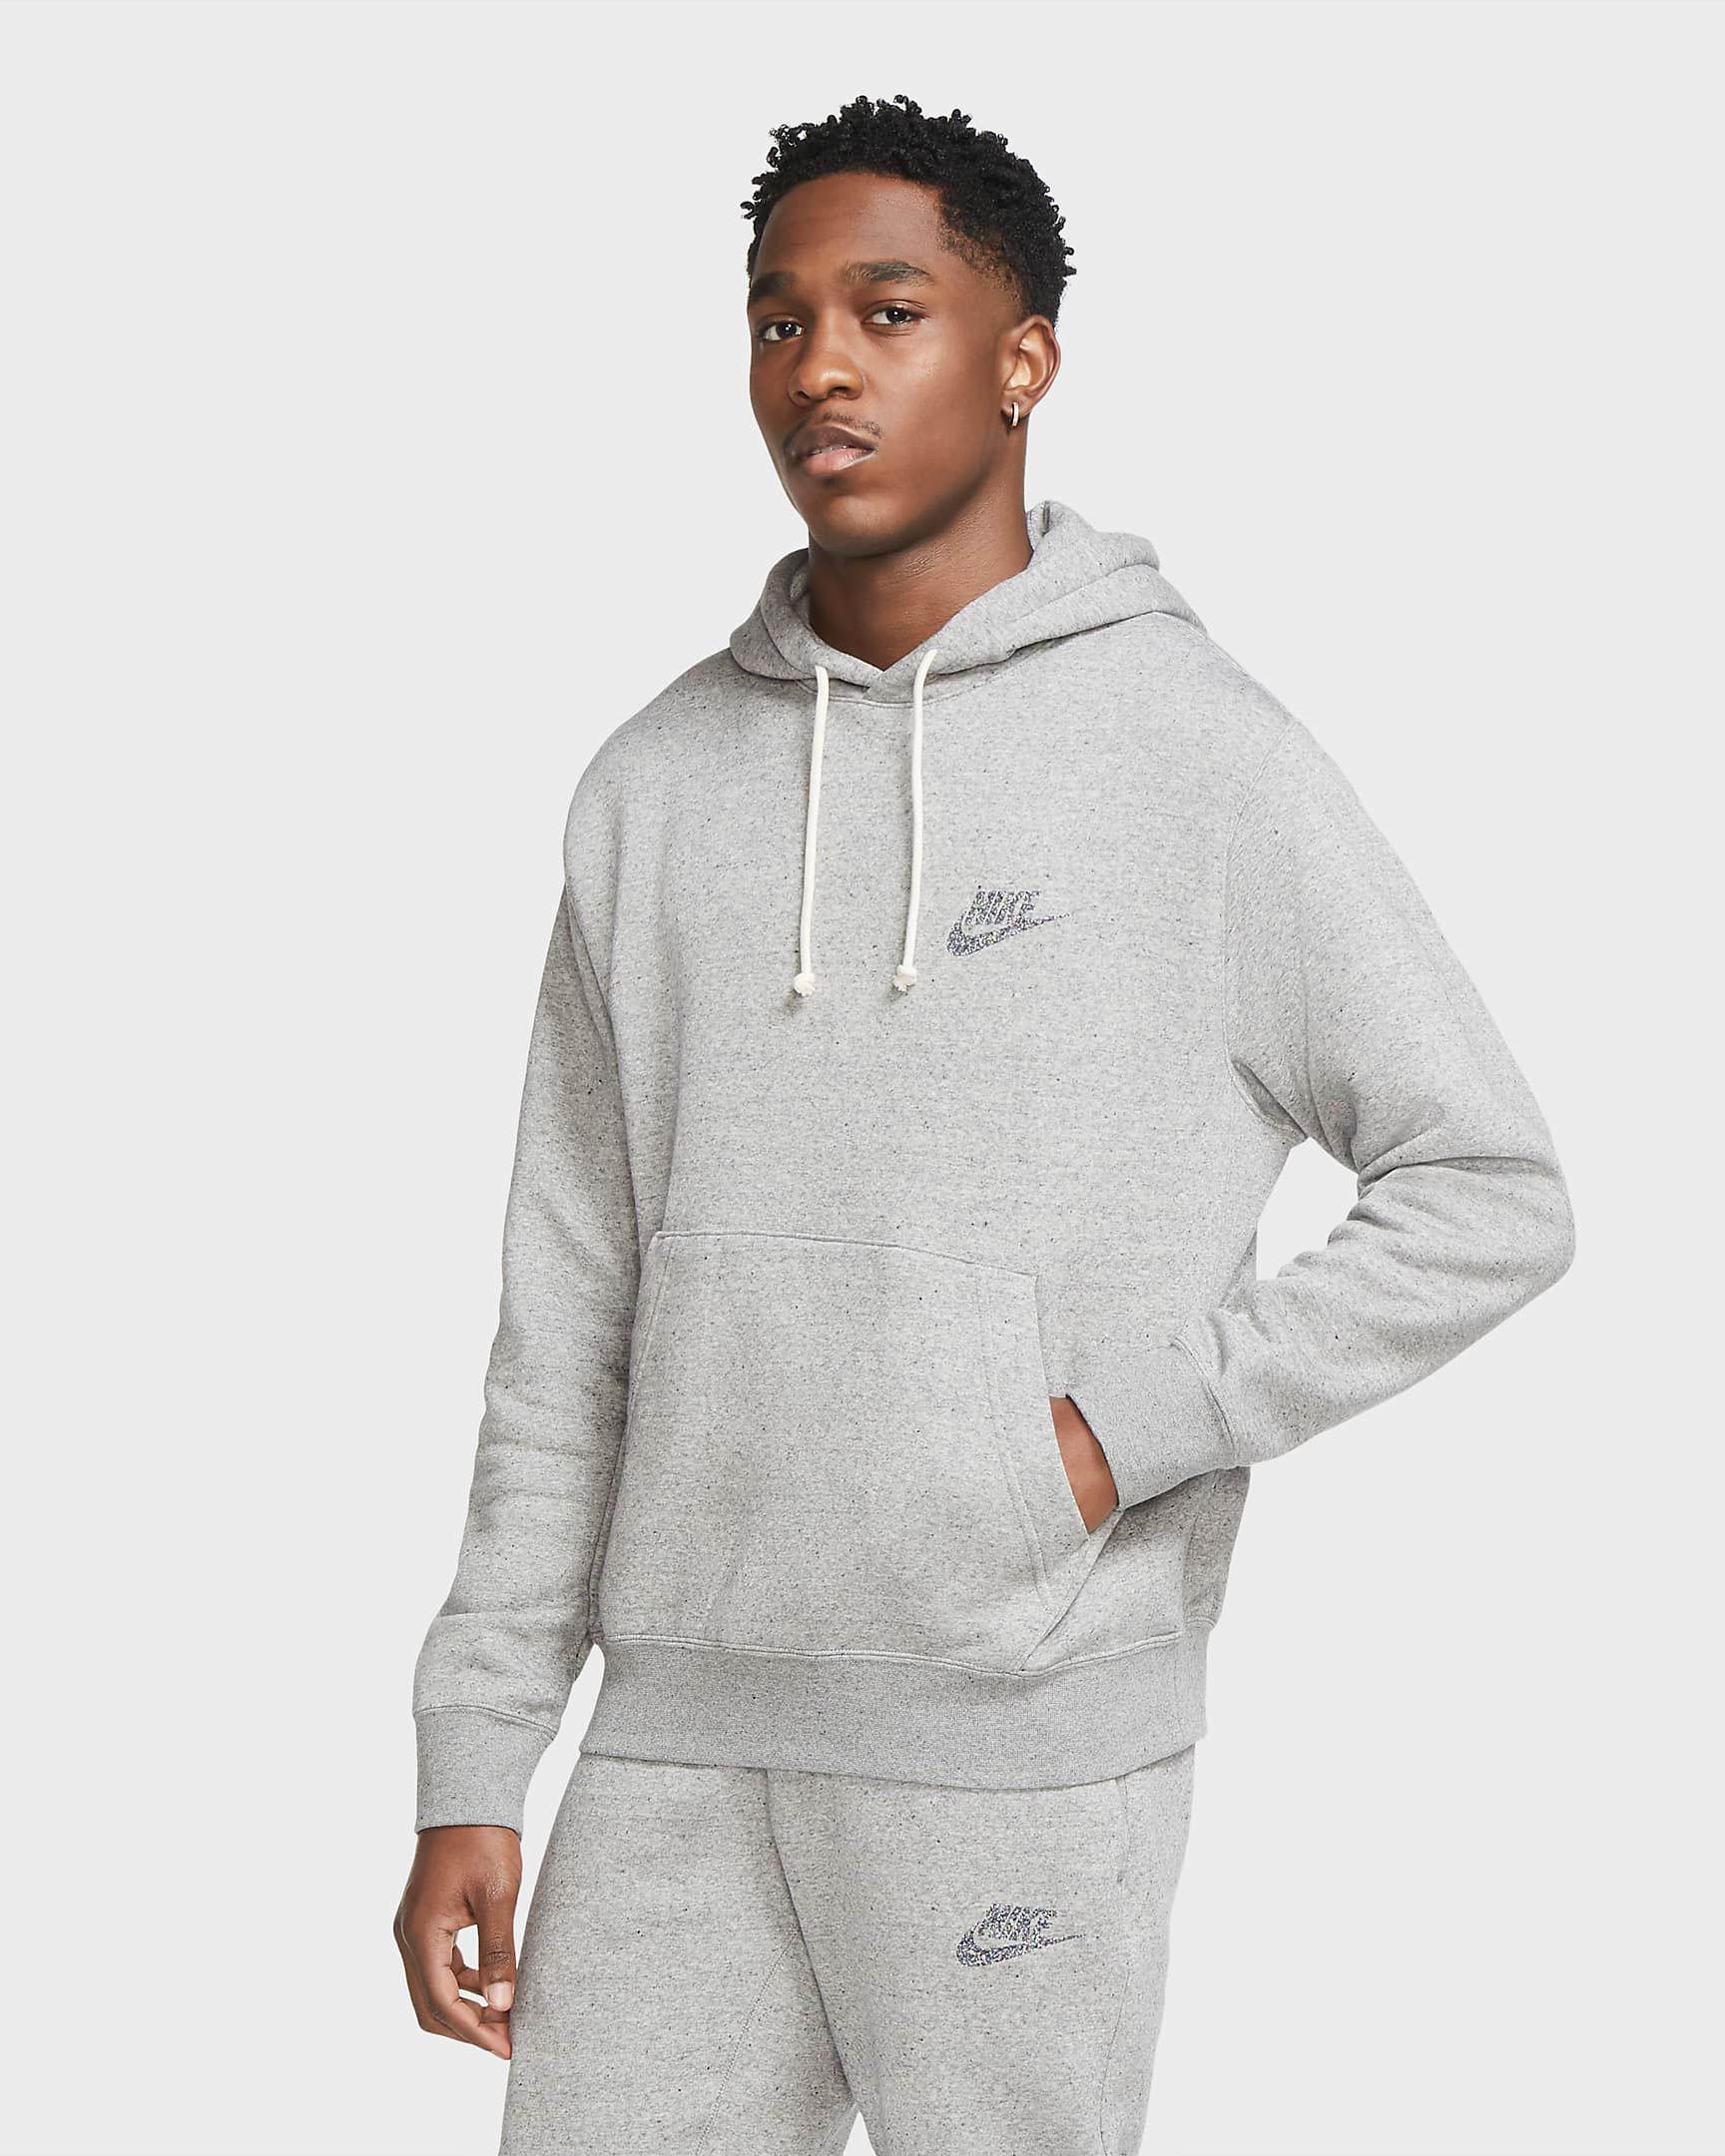 nike-space-hippie-pullover-hoodie-grey